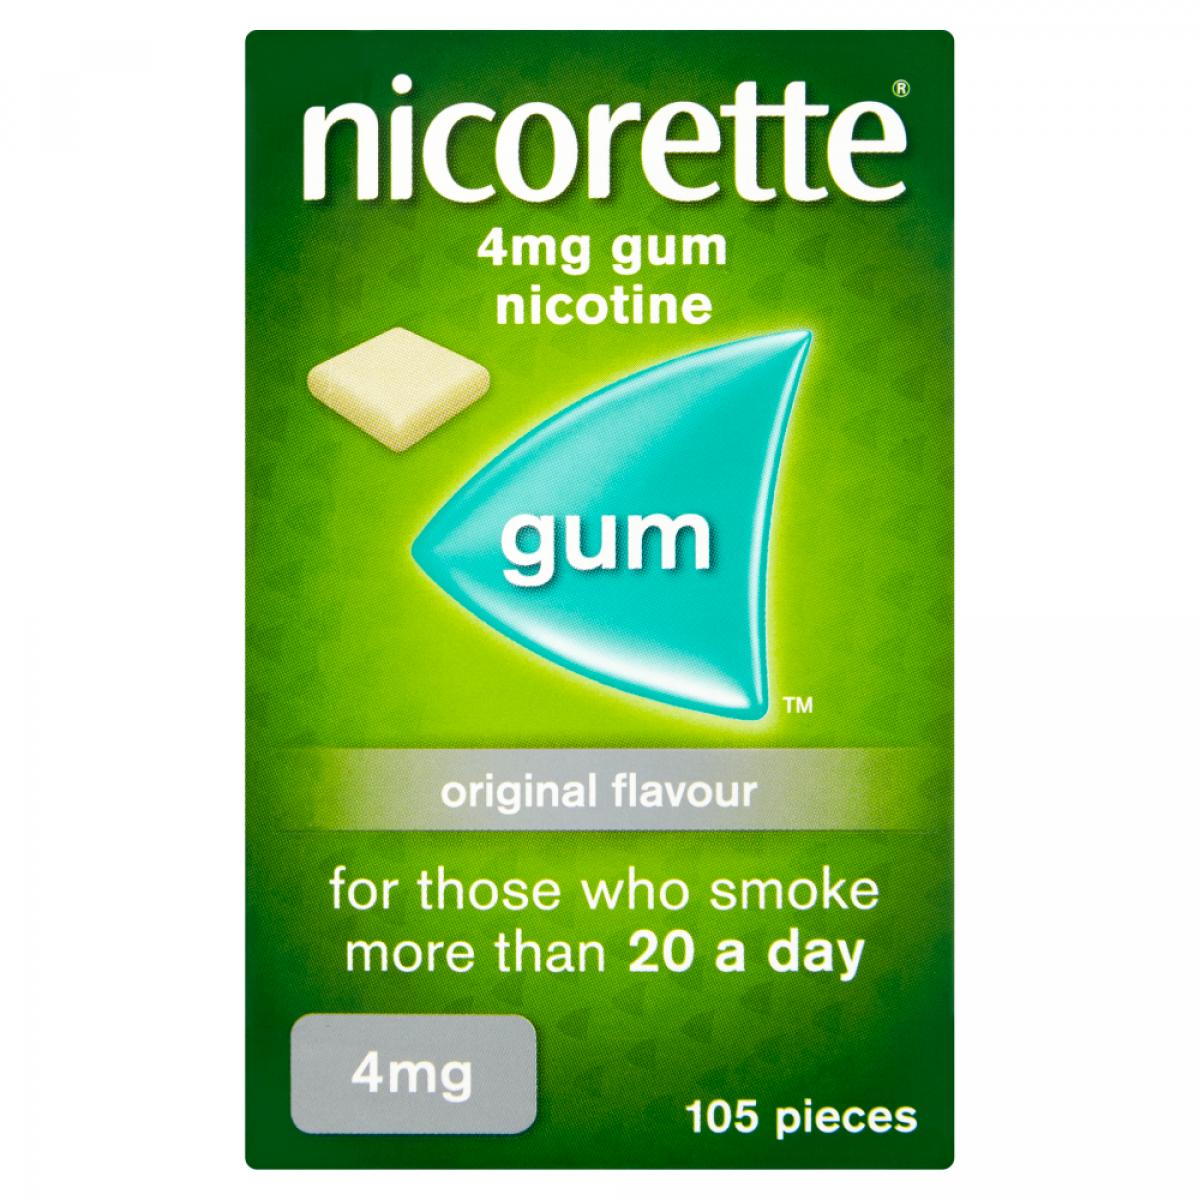 Nicorette Gum 4mg